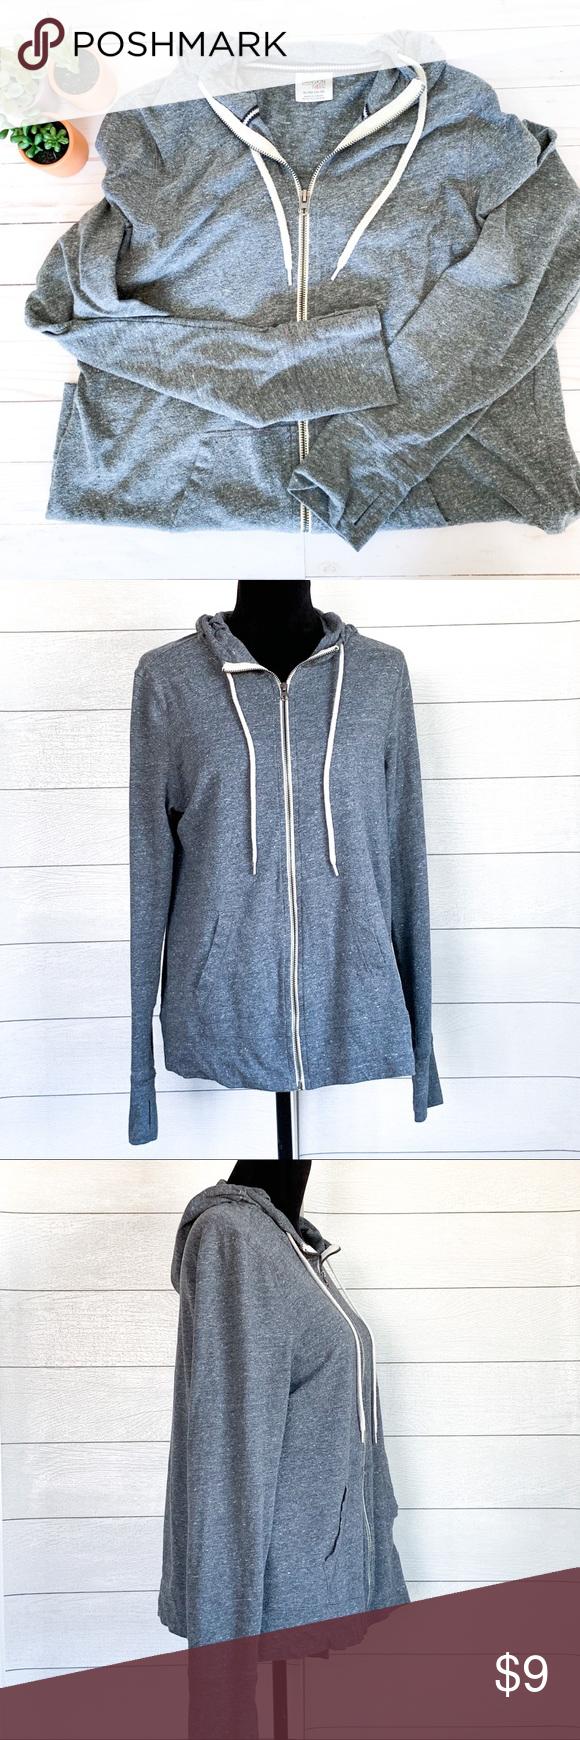 44a095d0b637b Danskin Now women s lightweight full zip hoodie Heathered grey light weight  cotton full zipper hoodie. Soft vintage heathered cotton jacket.